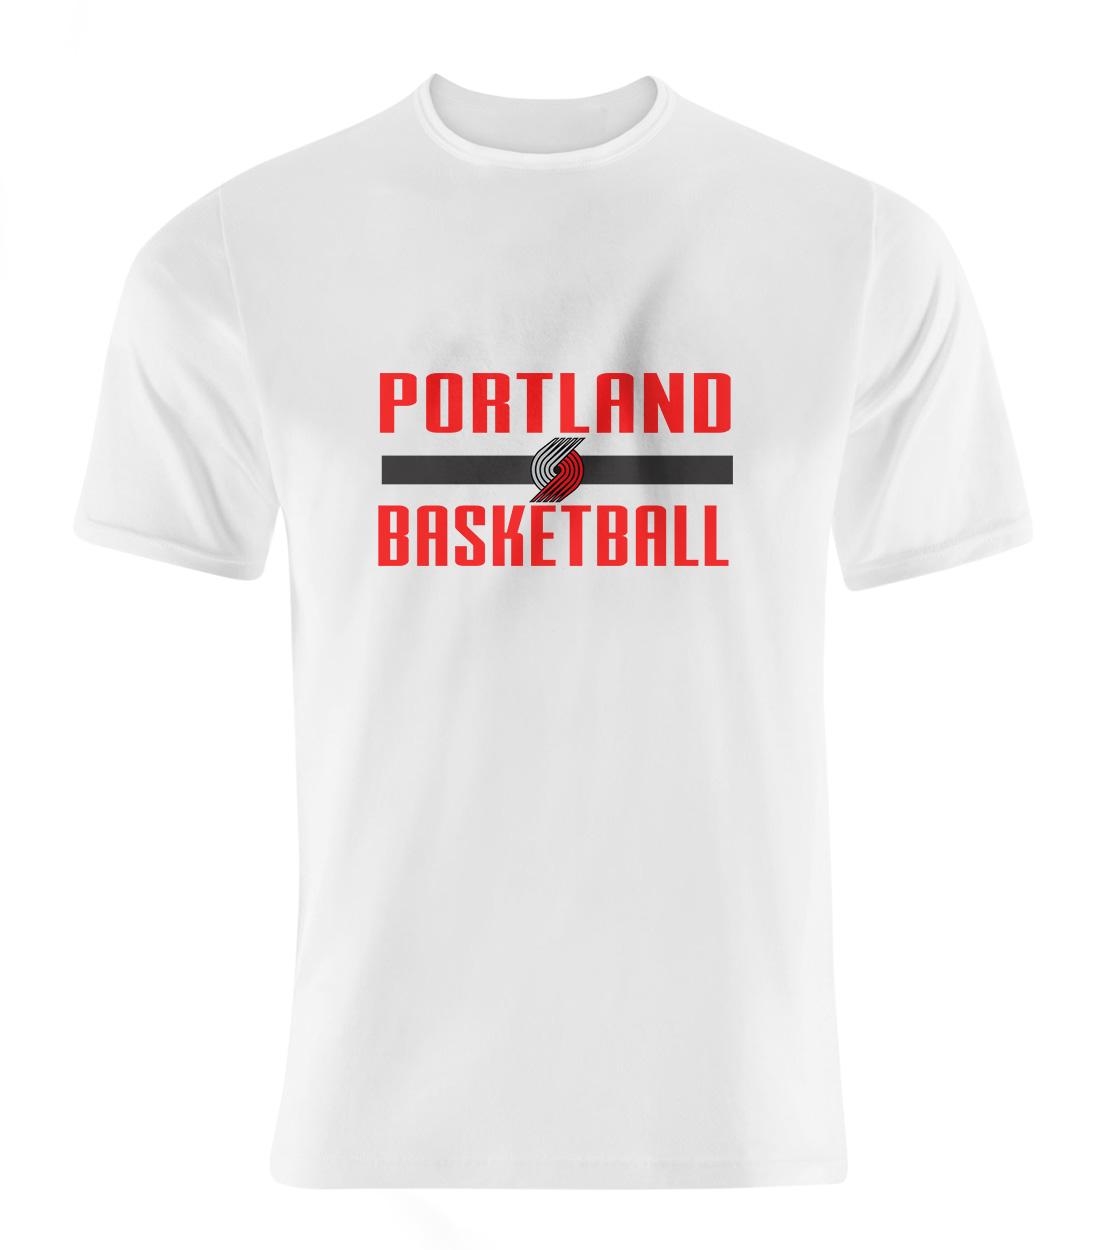 Portland Basketball Tshirt (TSH-wht-NP-Portland-bsktbll-536)